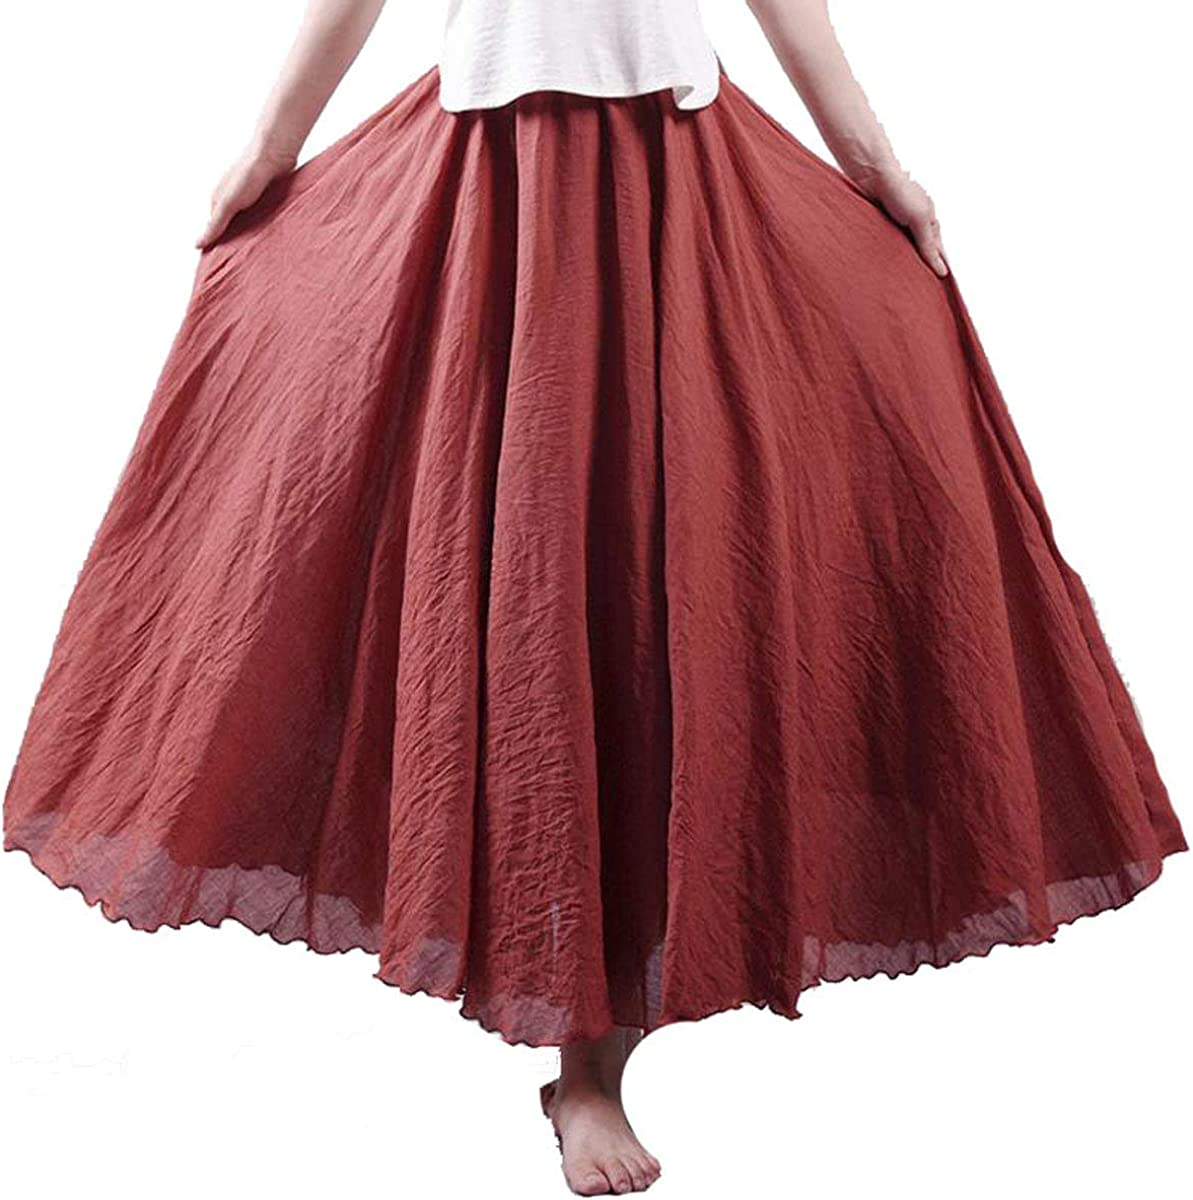 Women's Elegant High Waist Linen Maxi Skirt Summer Ladies Casual Elastic Waist 2 Layers Skirts